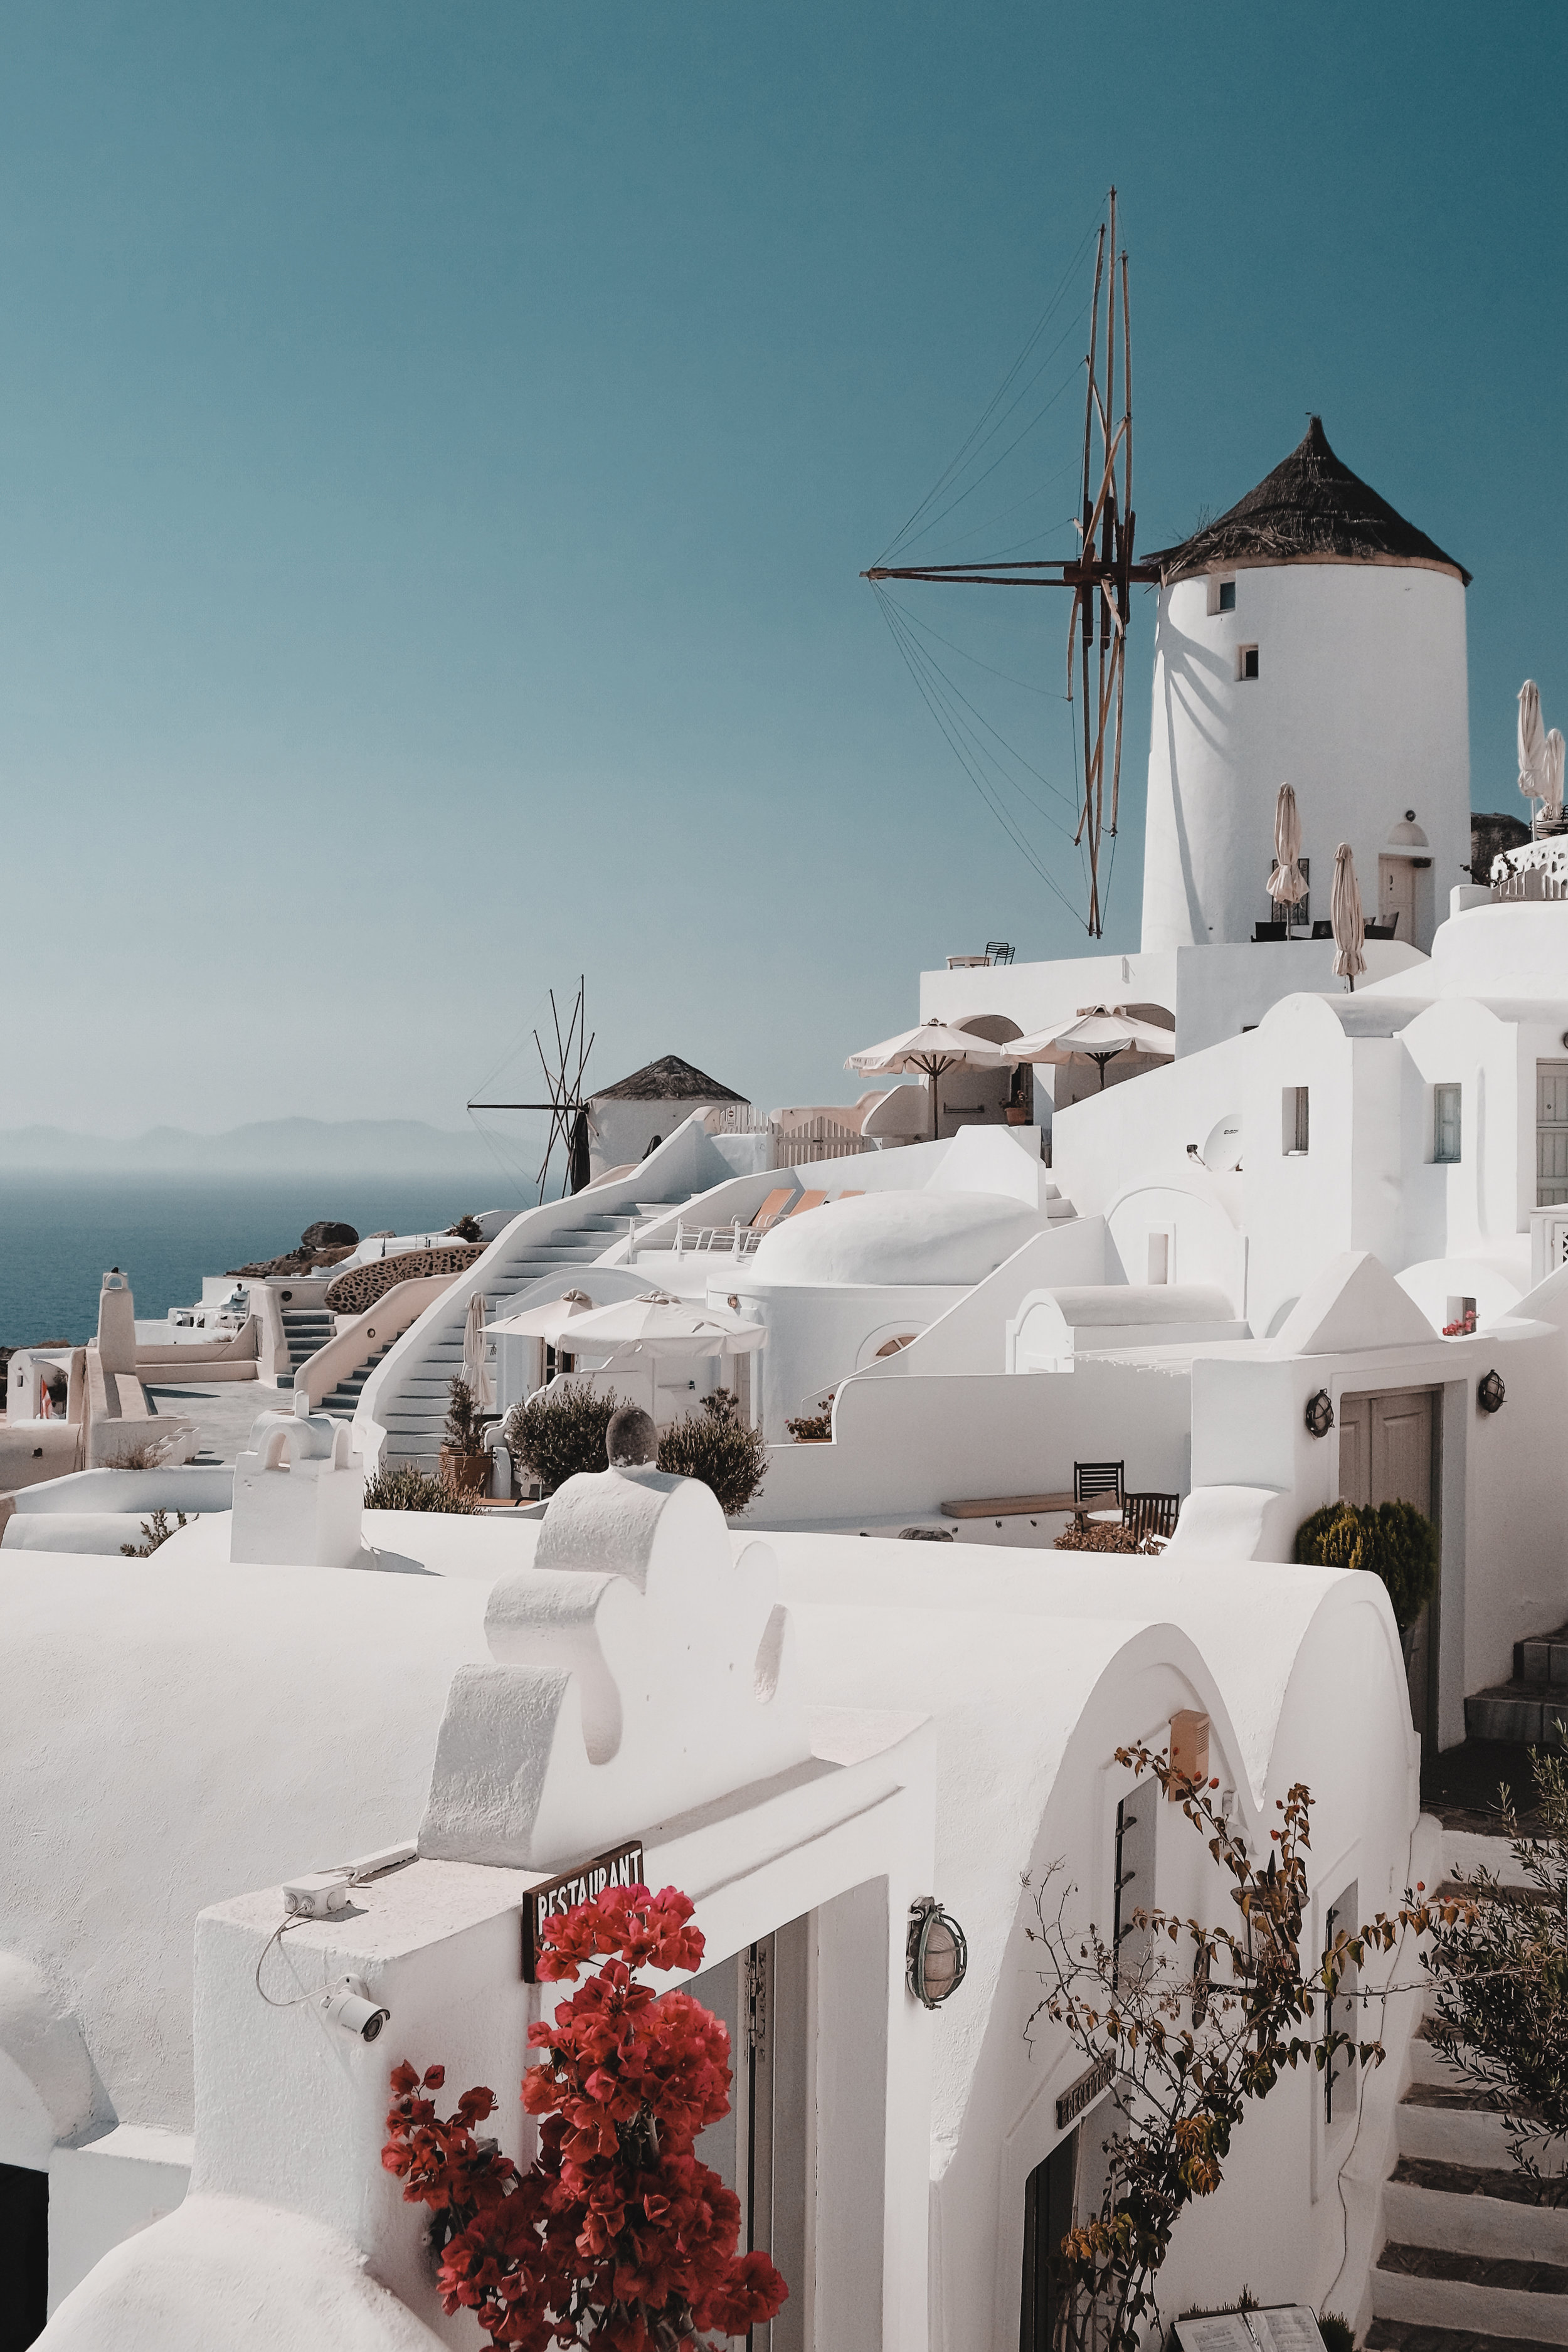 Hospedaje - Oia, el lugar más famoso para ver los atardeceres es el pueblo más costoso de Santorini para hospedarse. Sin embargo, es una experiencia única que vale la pena ser experimentada. Fira, la capital, es el área con más opciones de fiestas y tiendas. Es más económica que Oia. Sin embargo, si el viajero va en plan de ahorro, puede considerar hospedarse en los pueblos de Imerovigli o Firostafani, ambos muy hermosos y con costos muy económicos si se comparan con Oia.